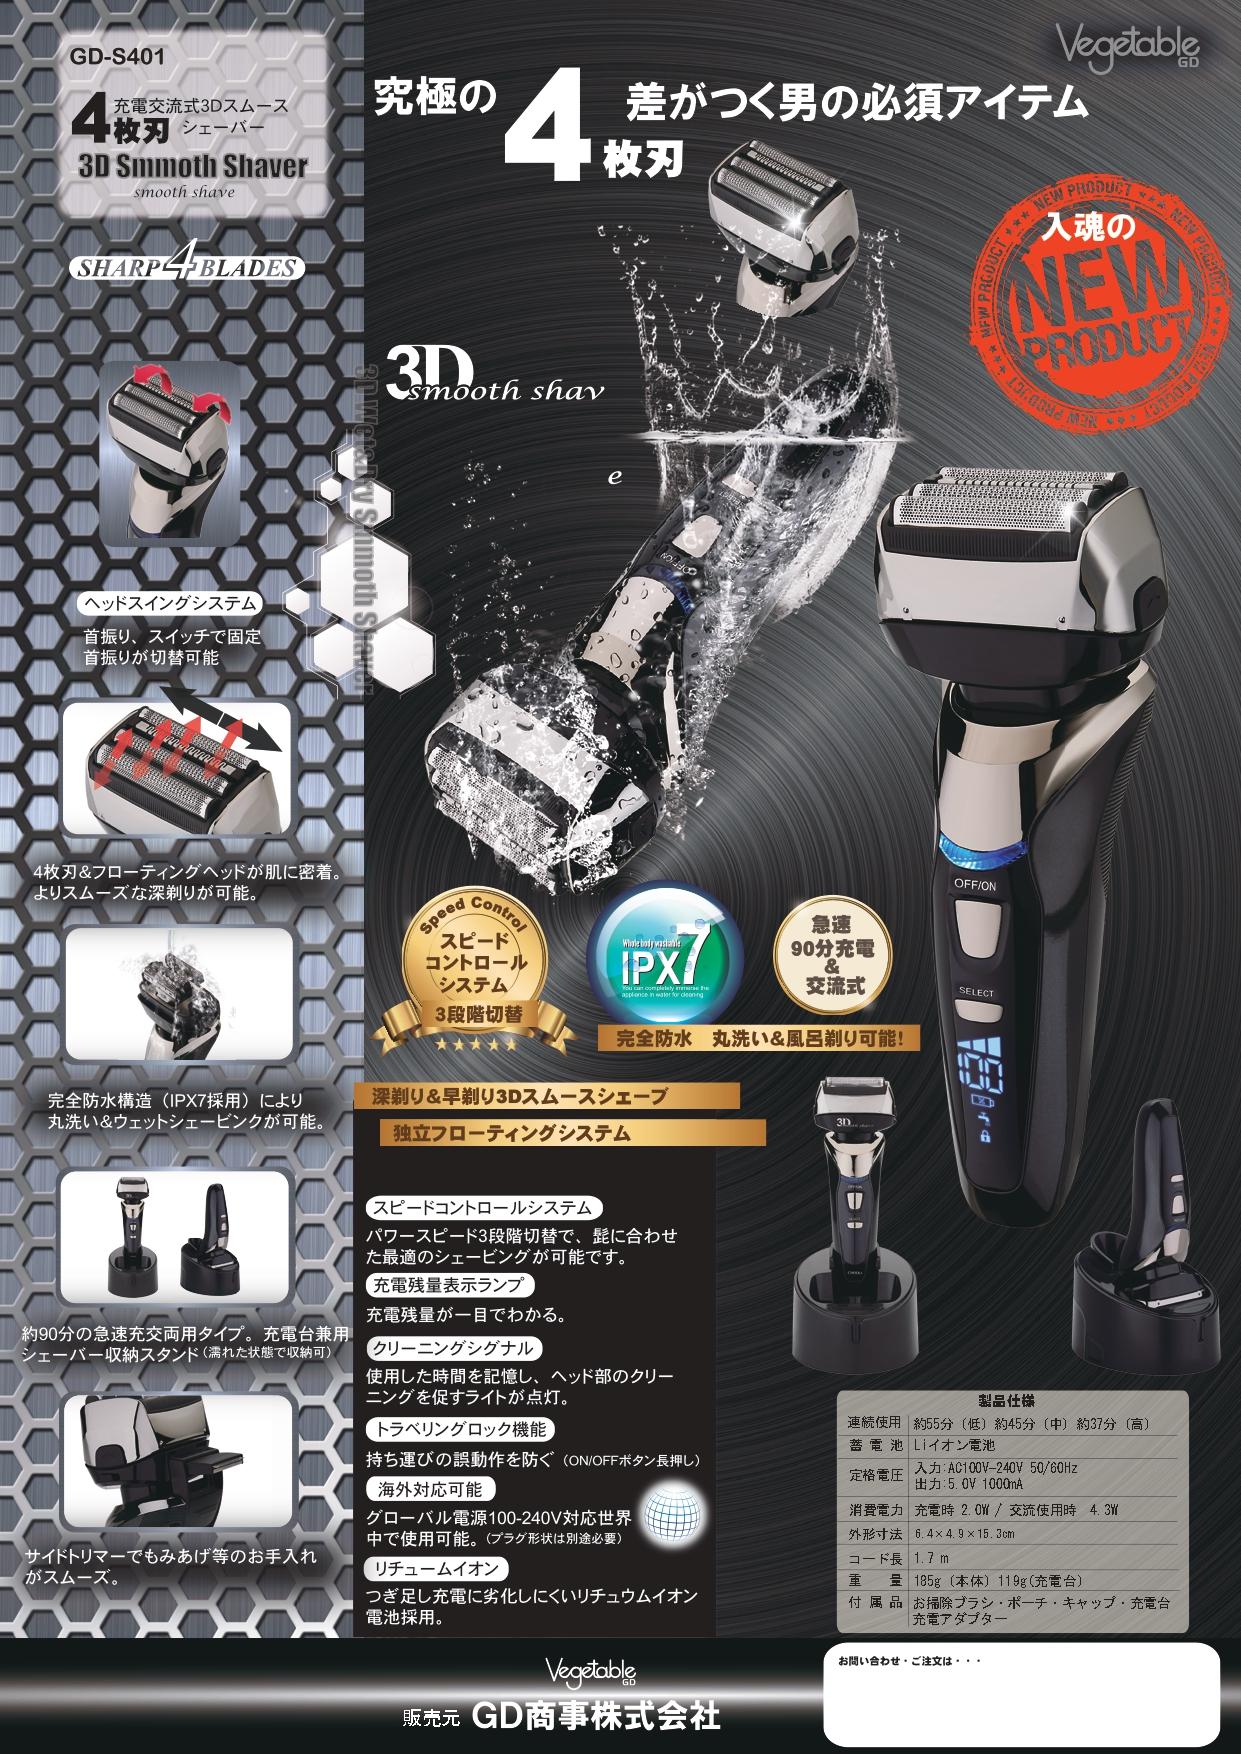 GD-S401